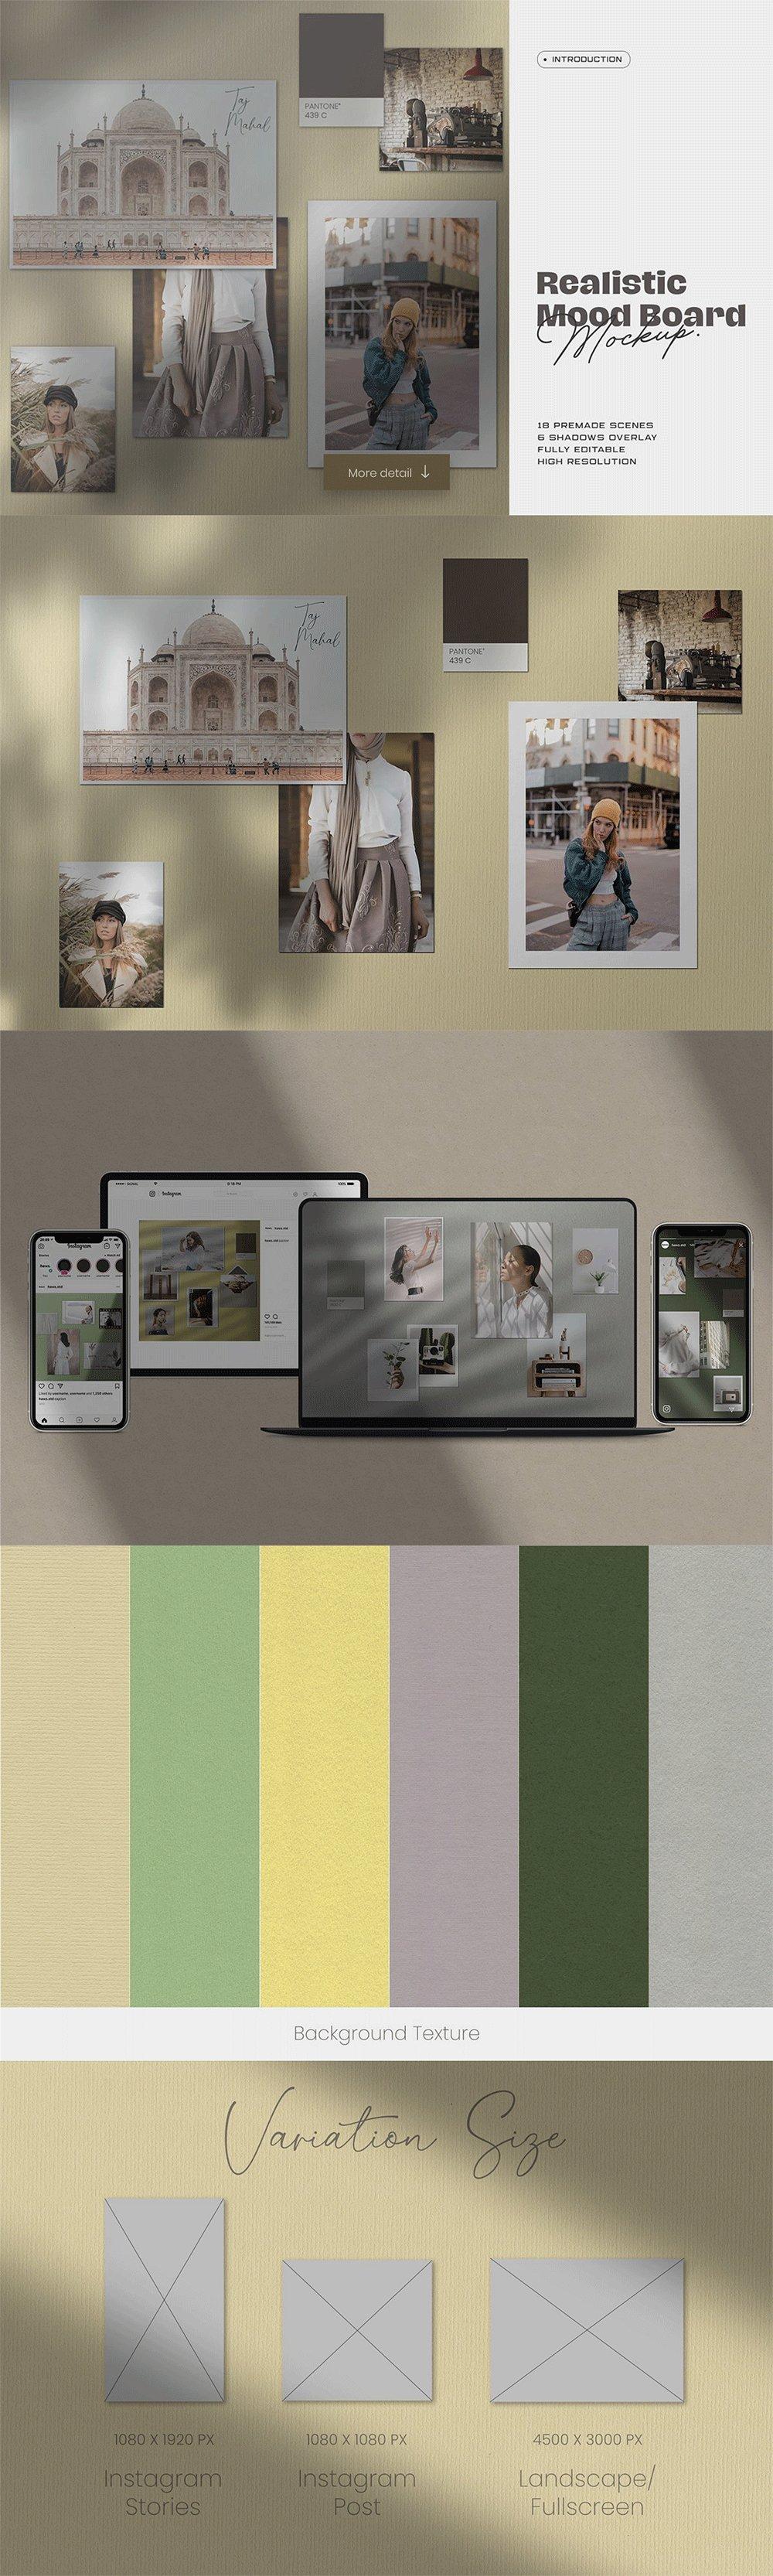 [淘宝购买] 10套文艺情绪板摄影相片卡片拼贴设计PSD源文件 Bundle Moodboard Mockup V2插图(2)